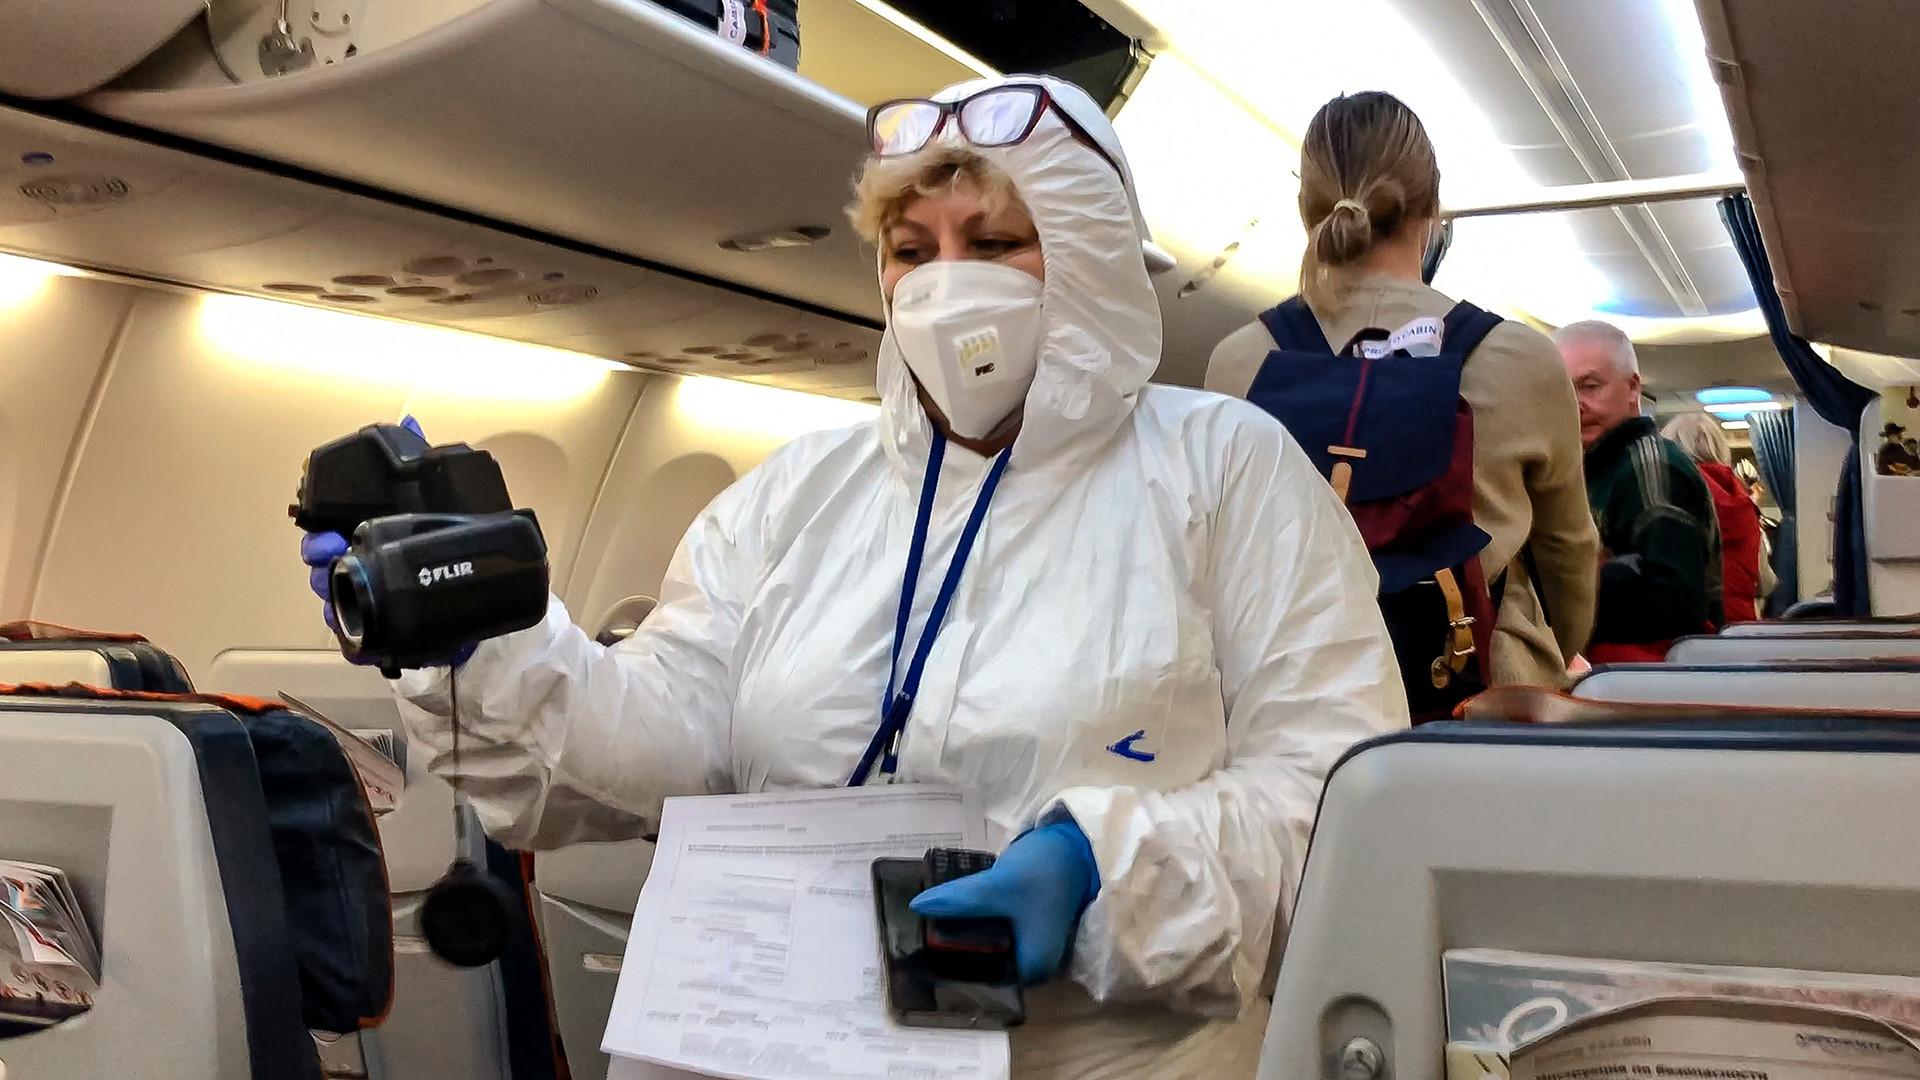 Zdravstvena uslužbenka preverja telesno temperaturo potnikov, ki so prileteli iz Italije. Letališče Šeremetjevo, 8. marca 2020